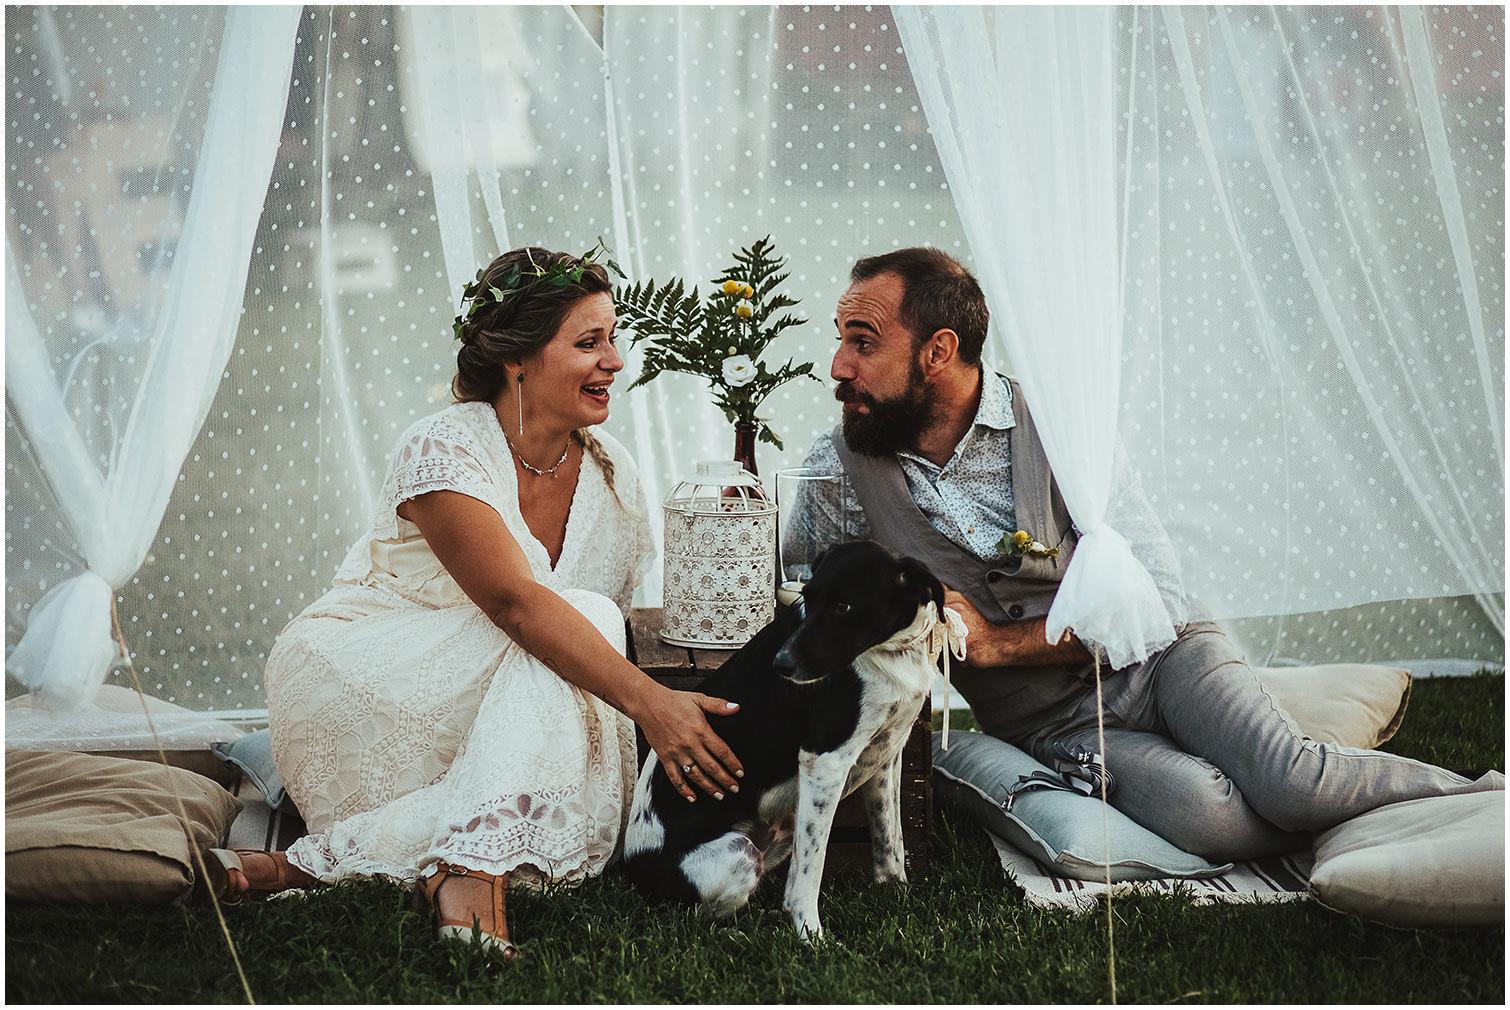 CLARA-RICCARDO-MATRIMONIO-CIRCO-VOLAVOILA-ROMA-SARA-LORENZONI-WEDDING-PHOTOGRAPHY-053